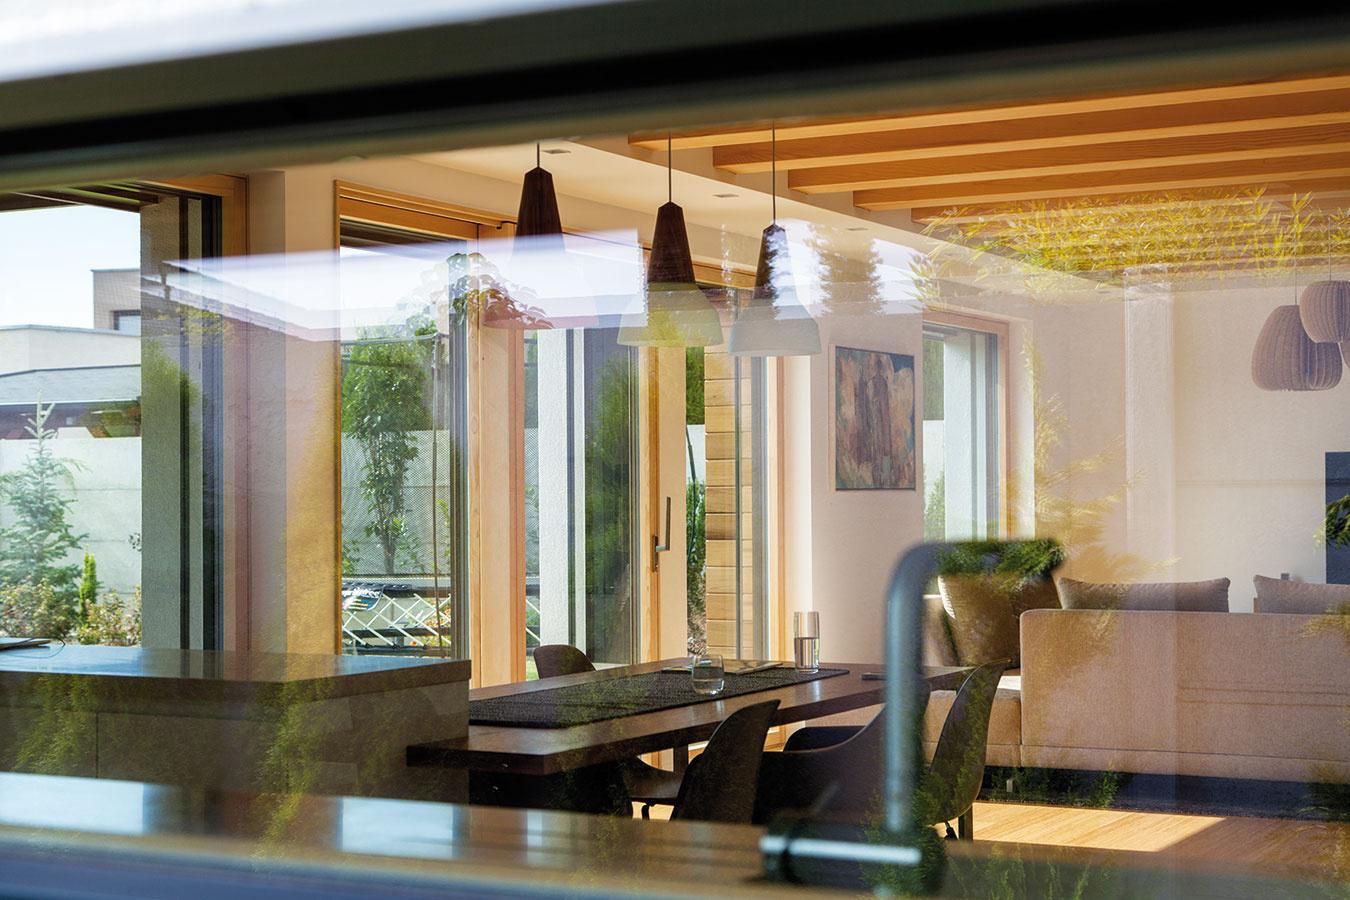 Pásové okno medzi pracovnou plochou kuchynskej linky ahornými skrinkami je ďalším zvydarených trendových prvkov súčasných rodinných domov.